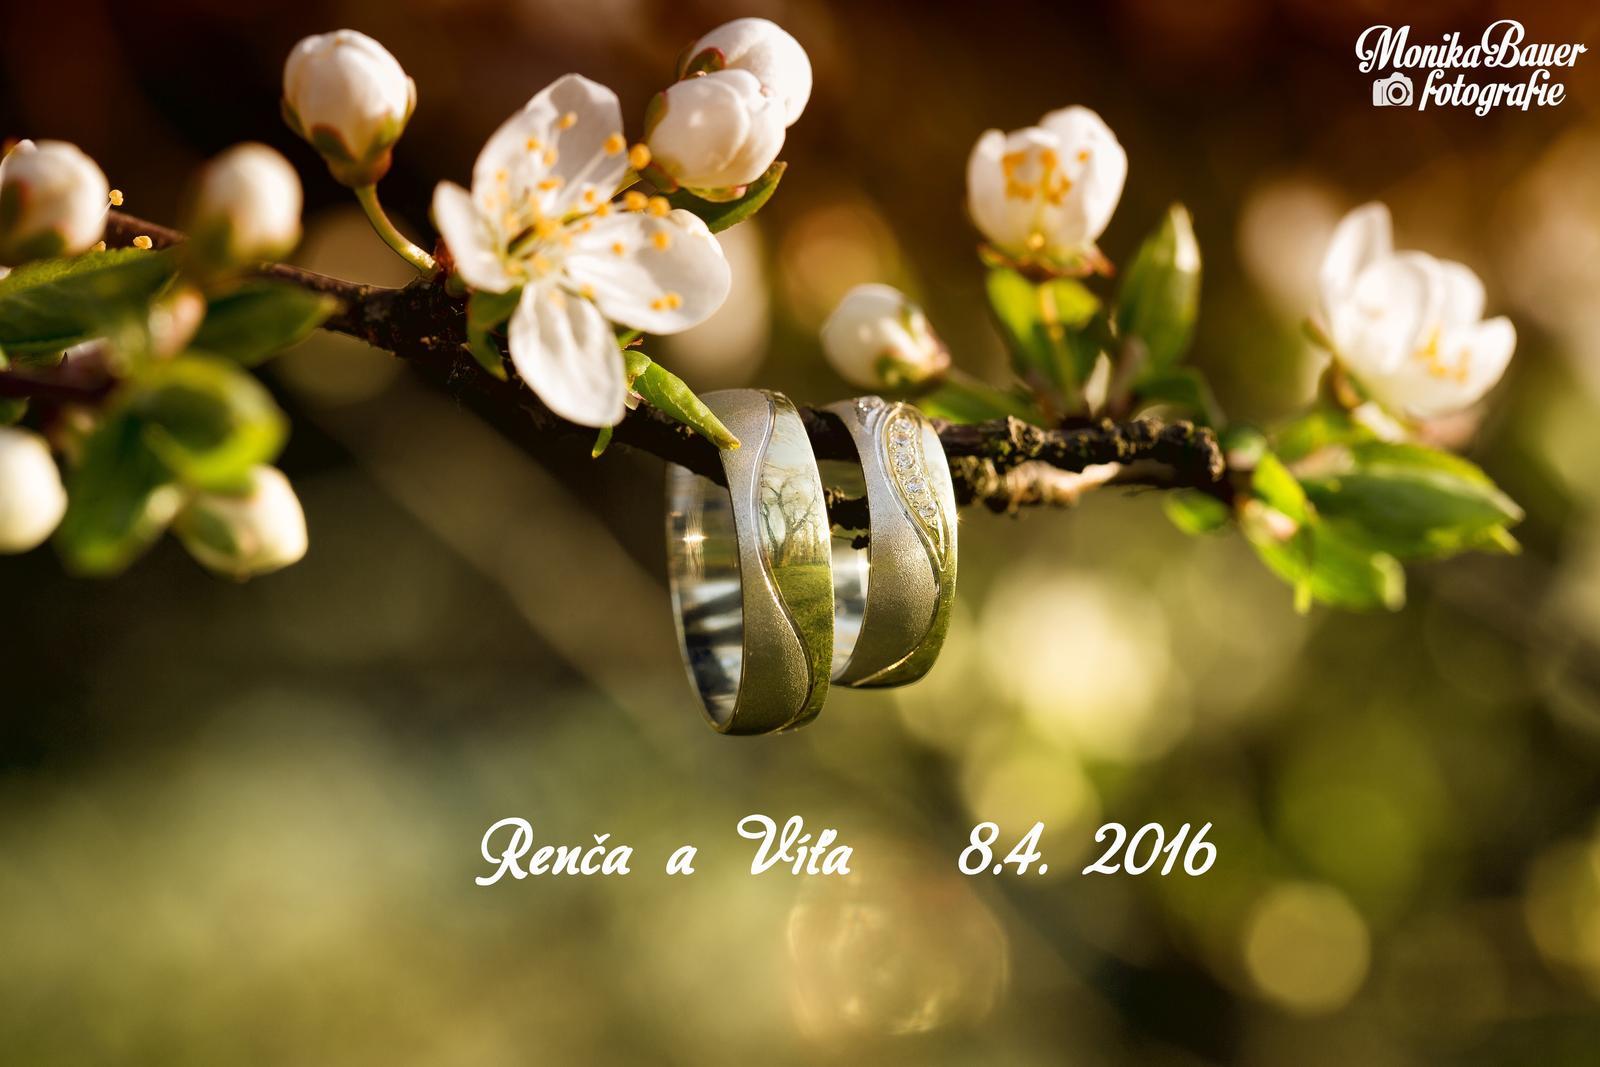 Renča a Víťa - 8.4. 2016 - Obrázek č. 1